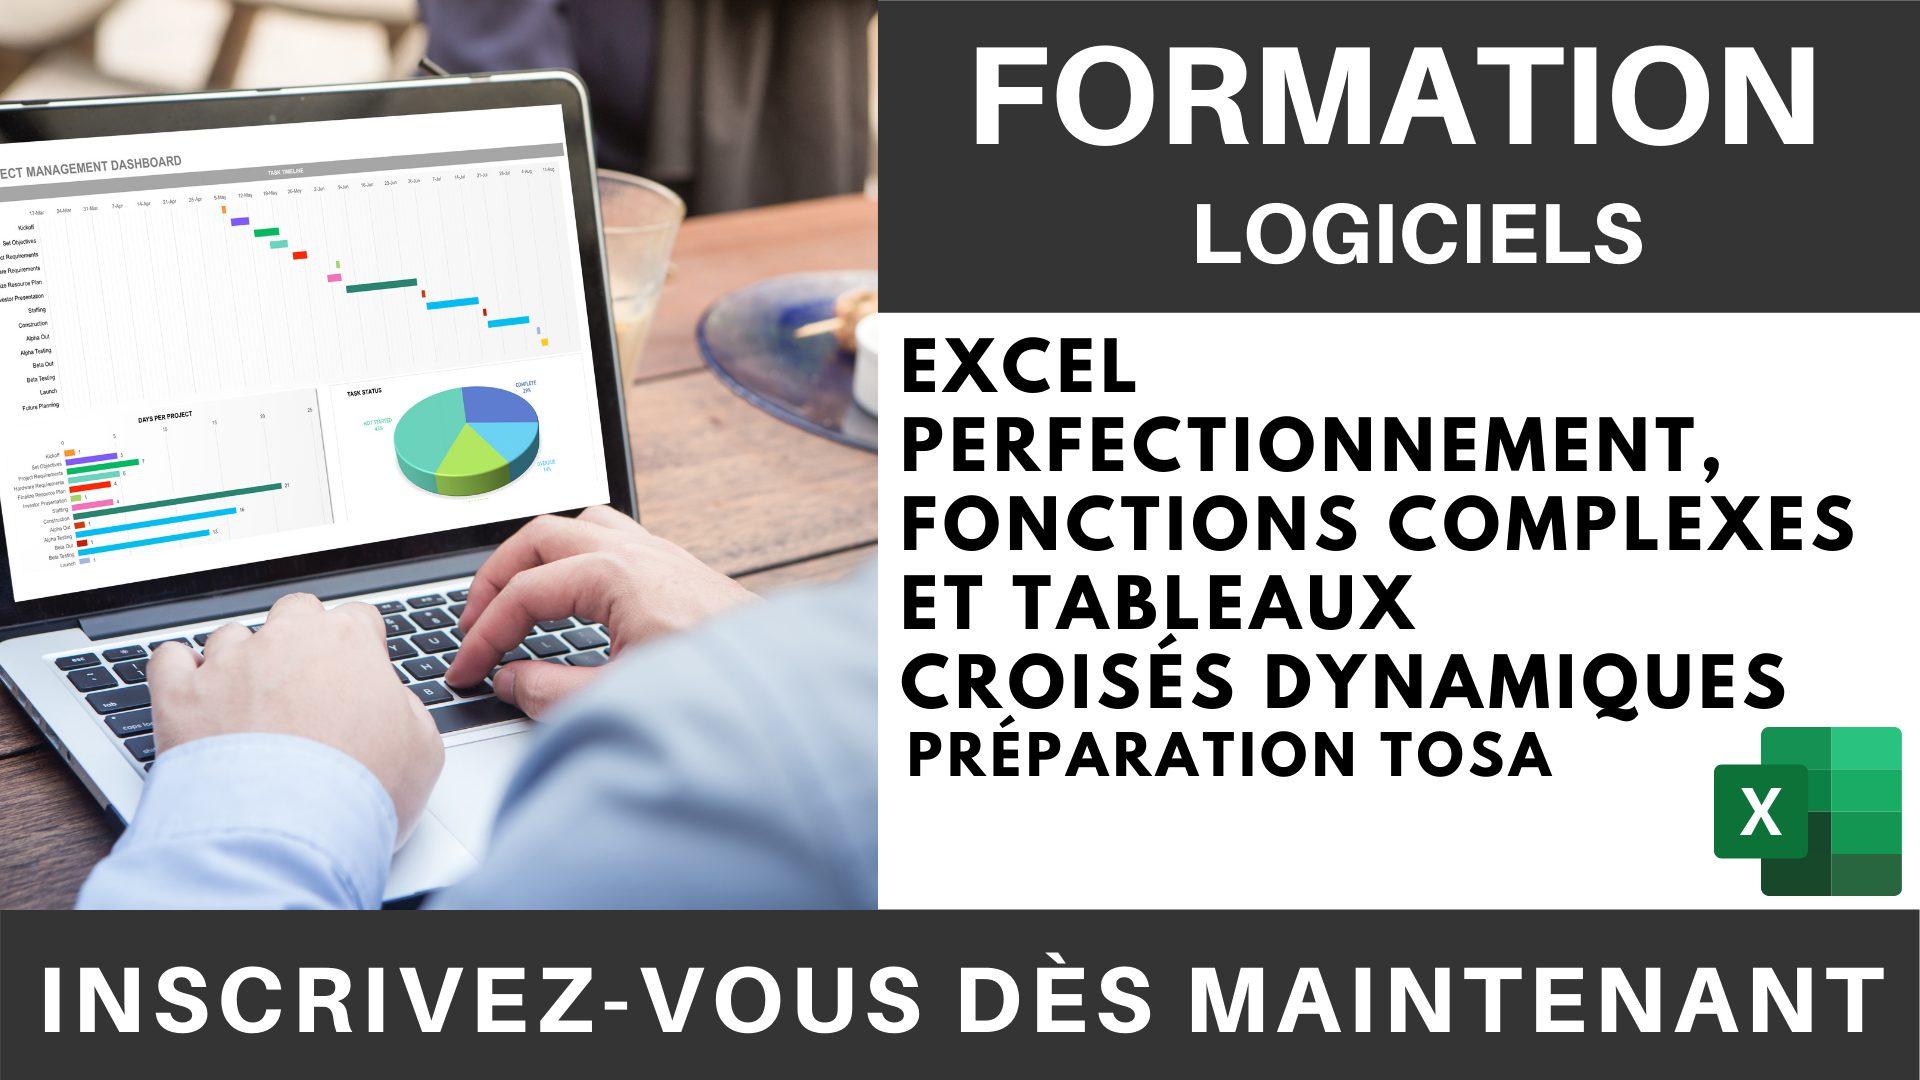 Formation LOGICIEL - Excel Perfectionnement, Fonctions complexes et Tableaux croisés dynamiques - Préparation TOSA